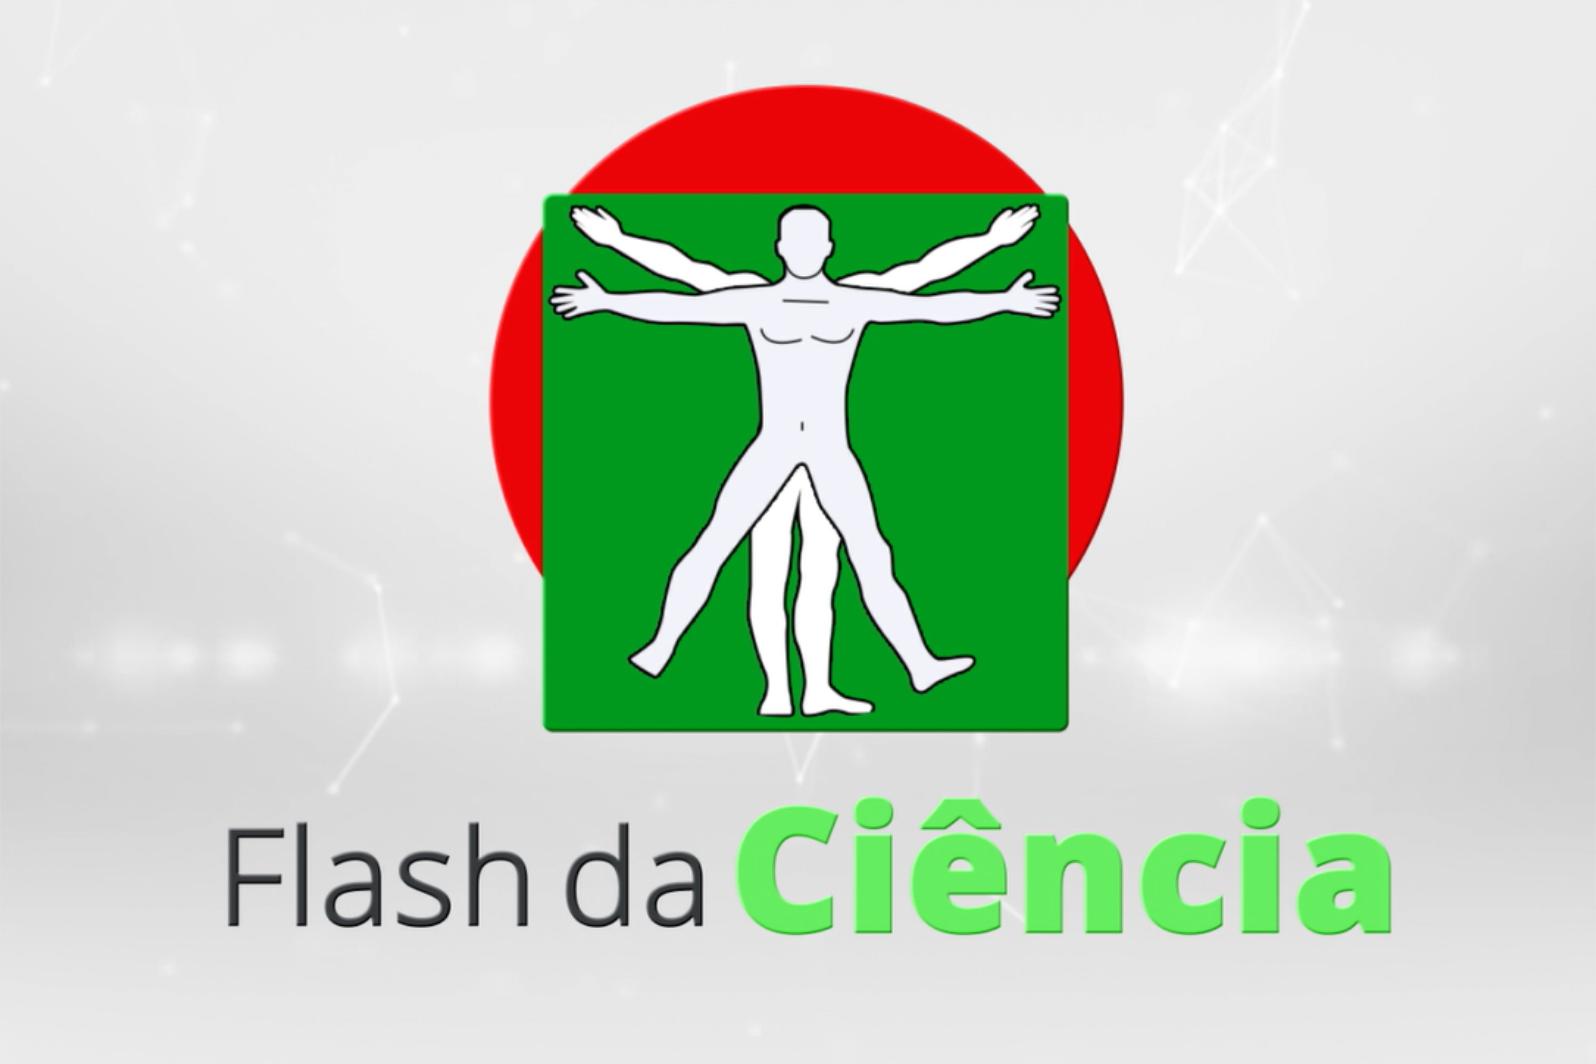 Flash da Ciência